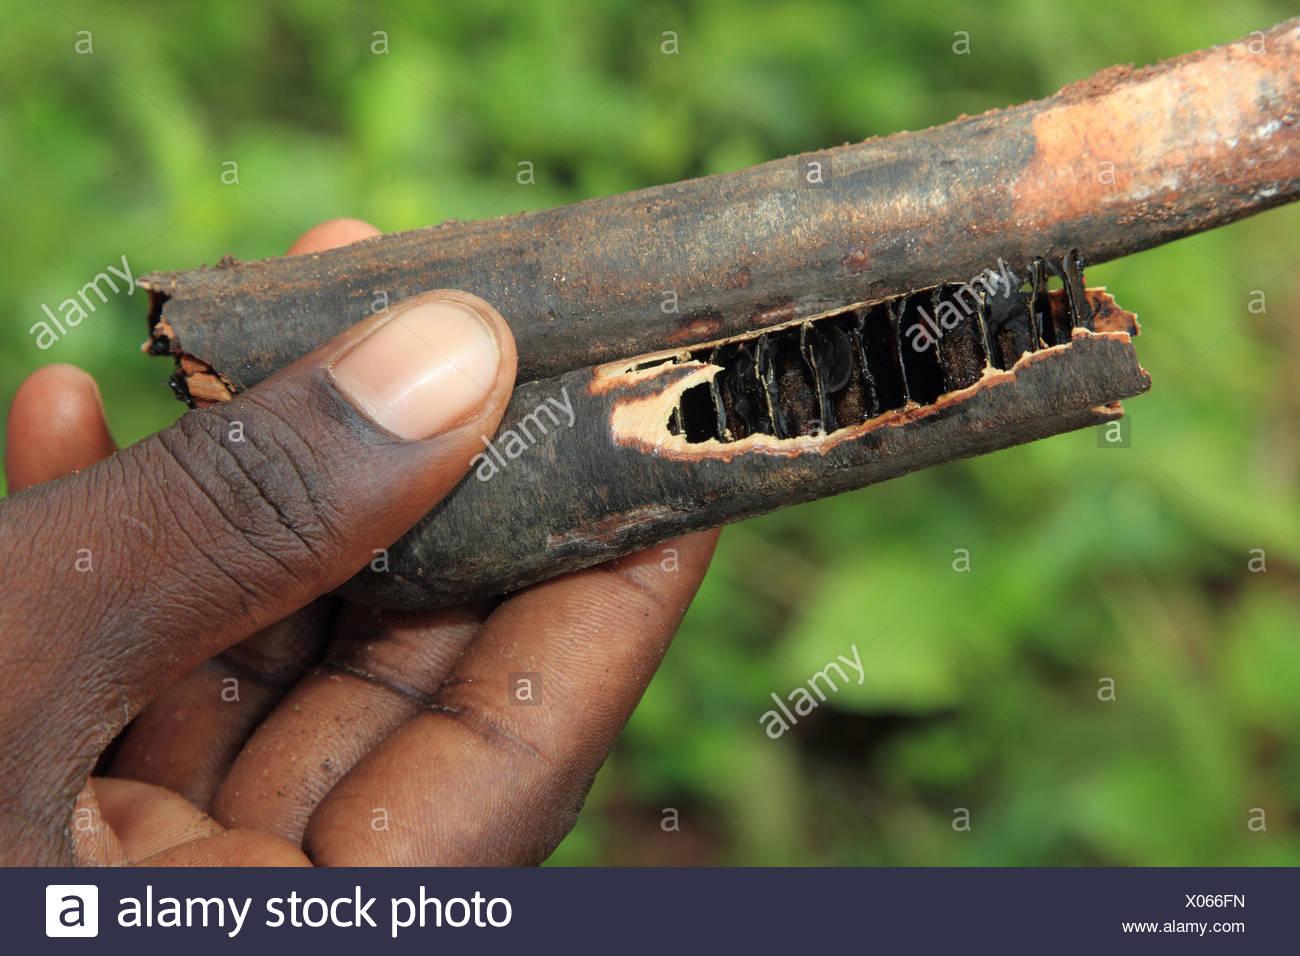 Common liquorice, cultivada regaliz, regaliz, regaliz, regaliz dulce, dulce, verdadera madera de regaliz (Glycyrrhiza glabra, Liquiritia officinalis), la paz de regaliz en una mano, Tanzania, Sansibar Imagen De Stock